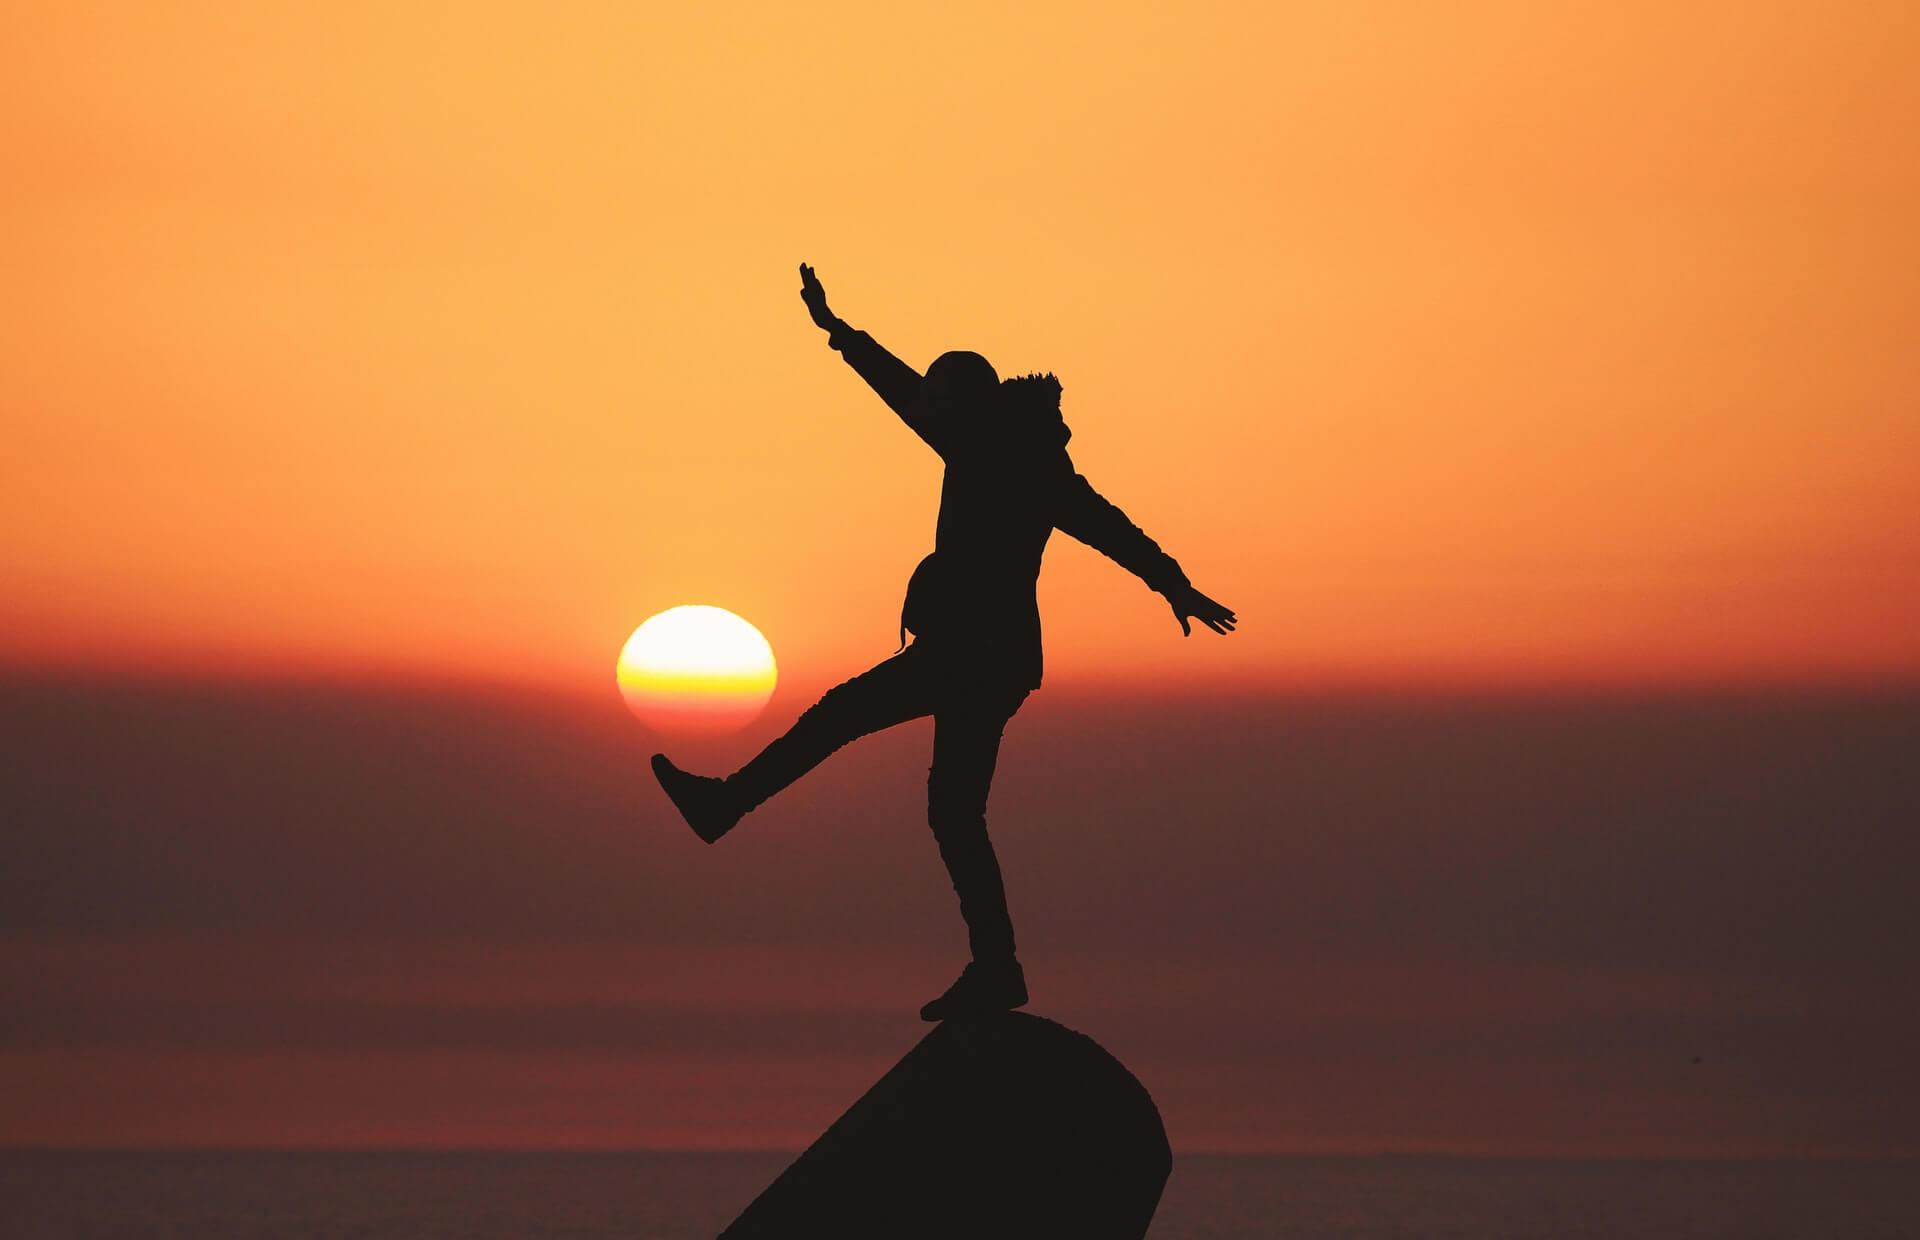 In der roten Abenddämmerung steht einbeinig eine Person auf einem Felsen und kickt die untergehende Sonne mit dem anderen Fuß